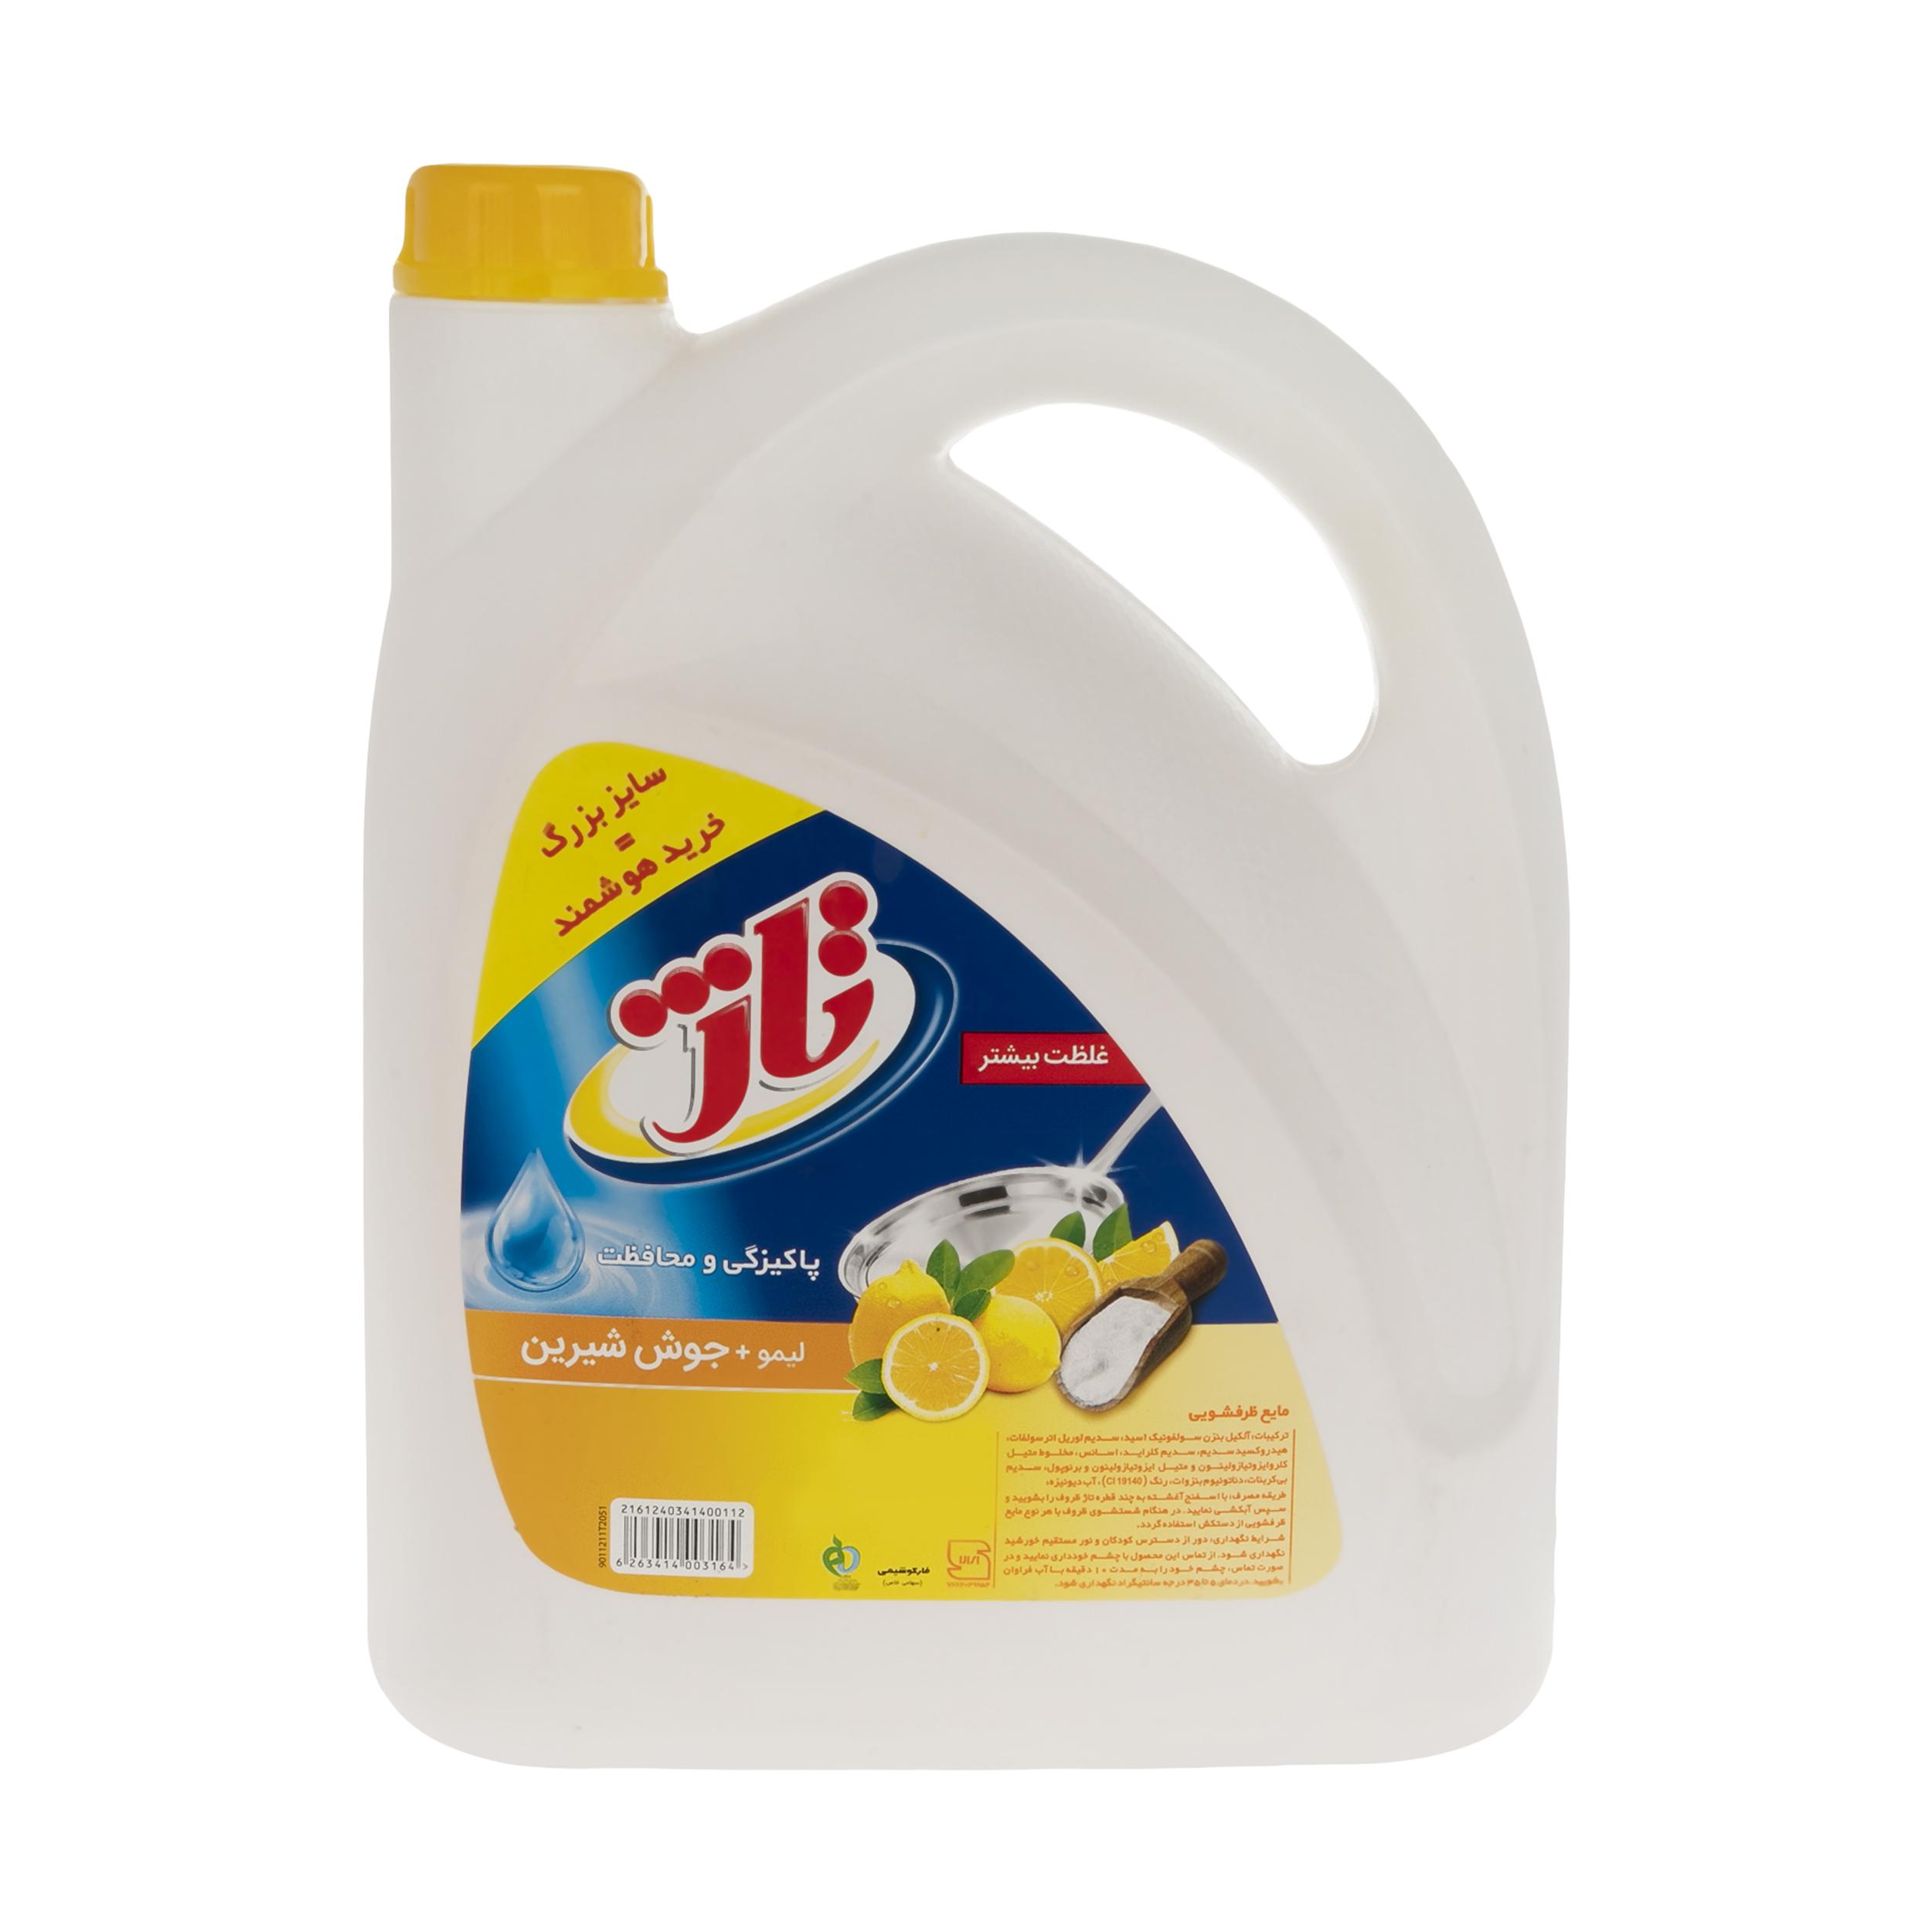 مایع ظرفشویی تاژ حاوی جوش شیرین با رایحه لیمو زرد مقدار 3.75 کیلوگرم